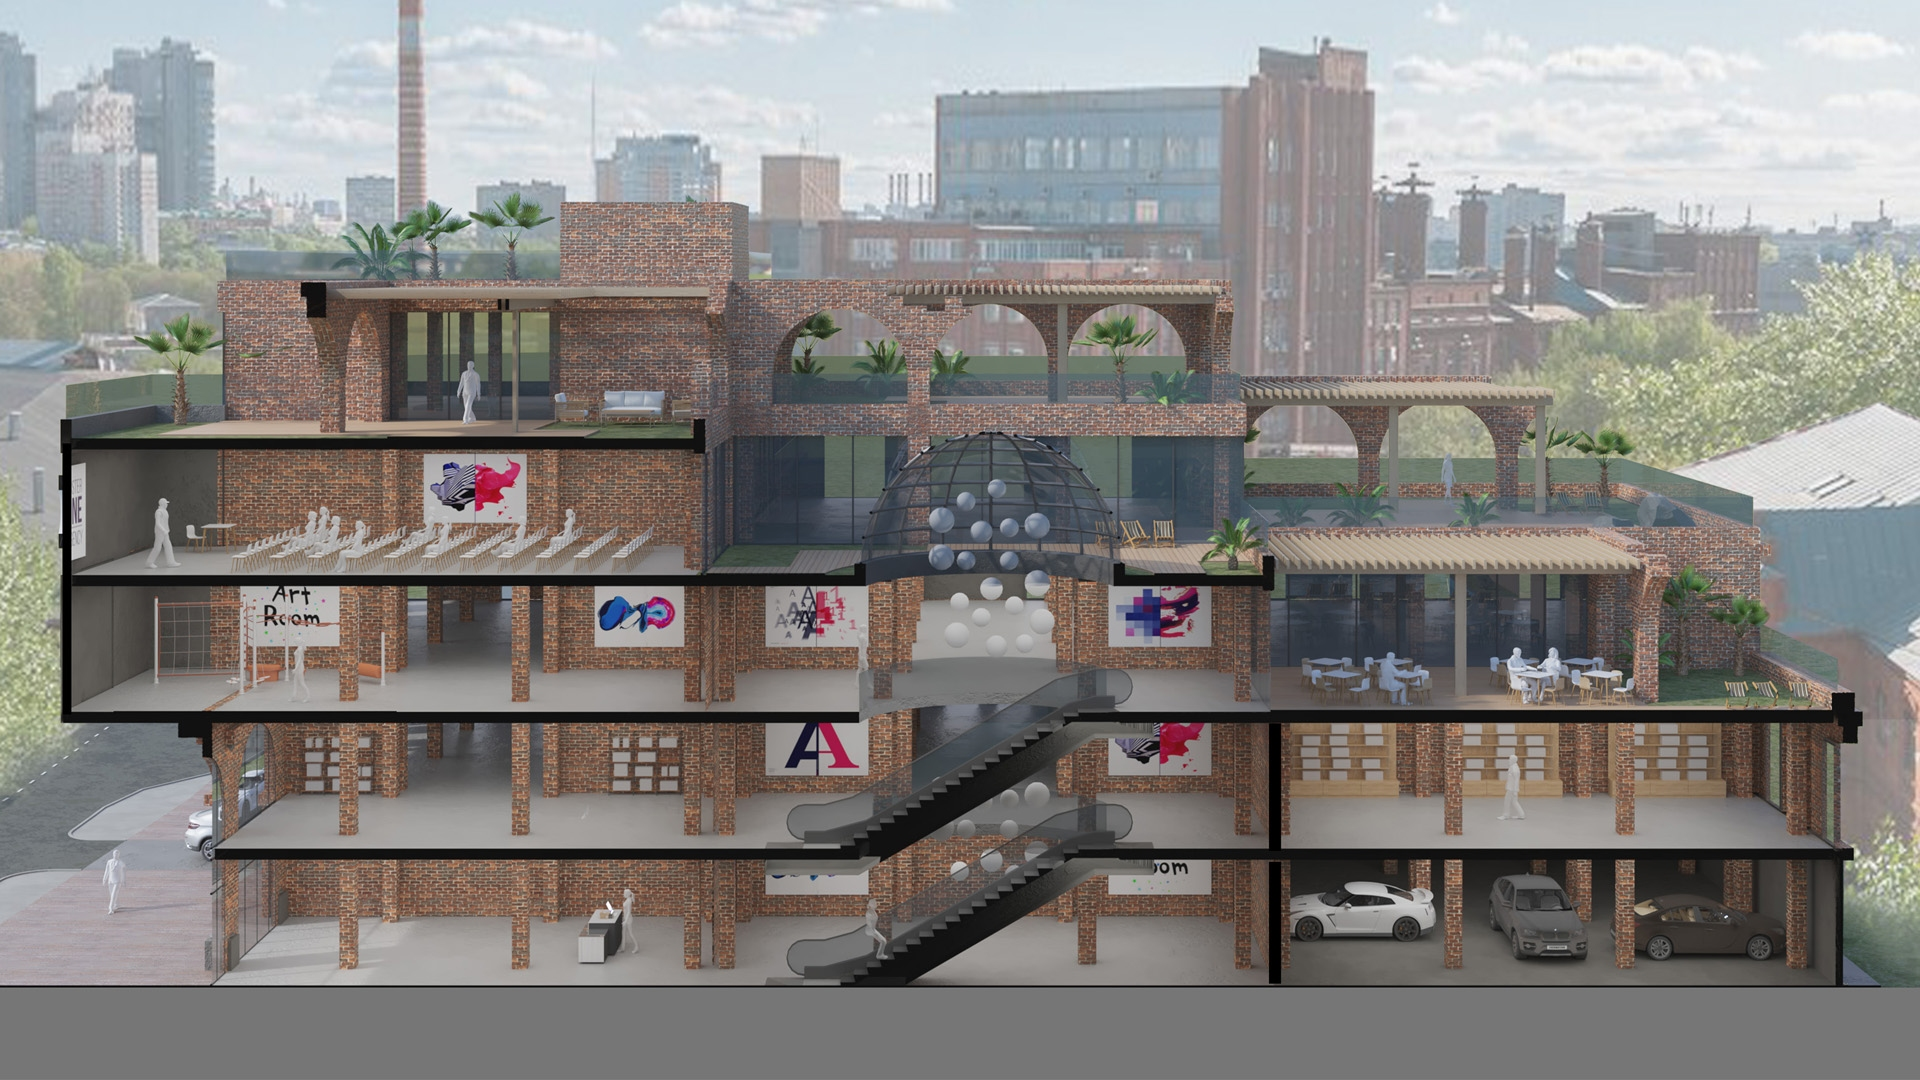 Изображение для проекта Концепт бизнес центра в промзоне 2103